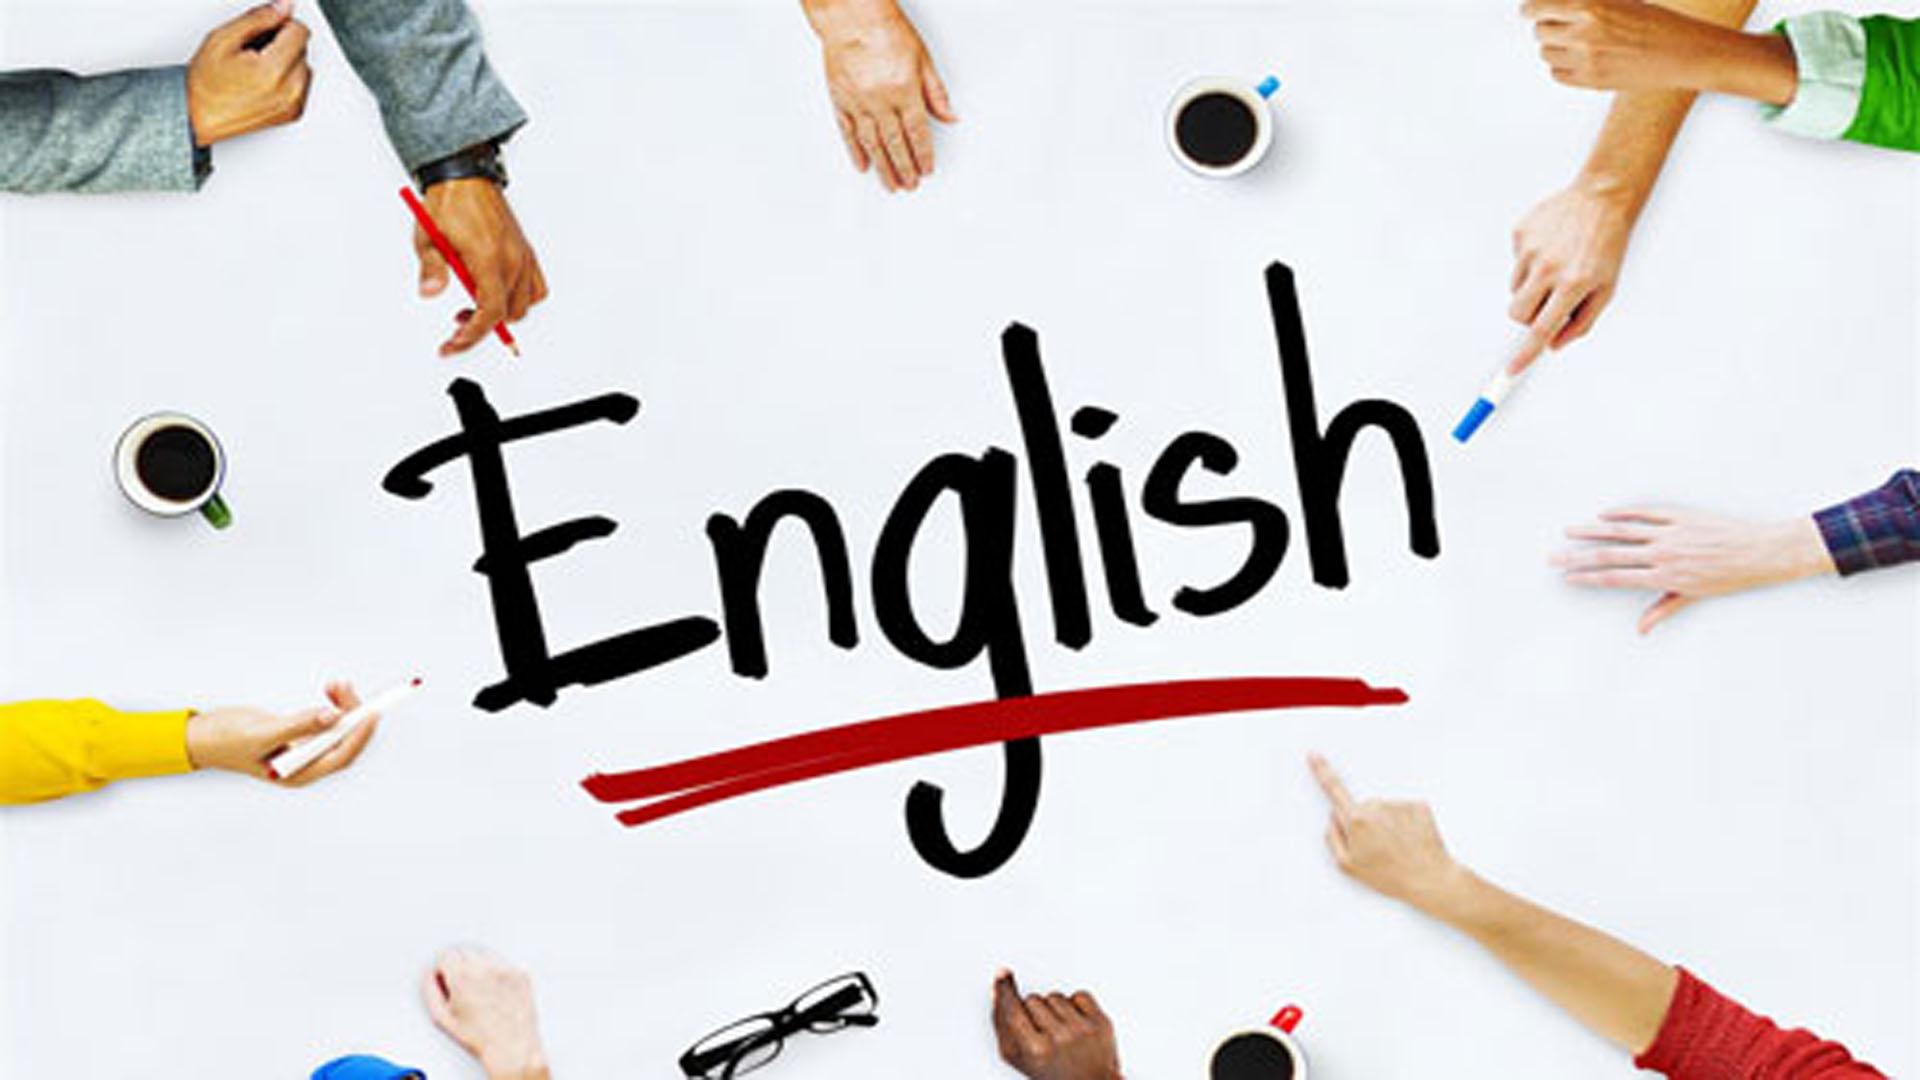 Khóa Học Tiếng Anh Cho Người Mất Gốc